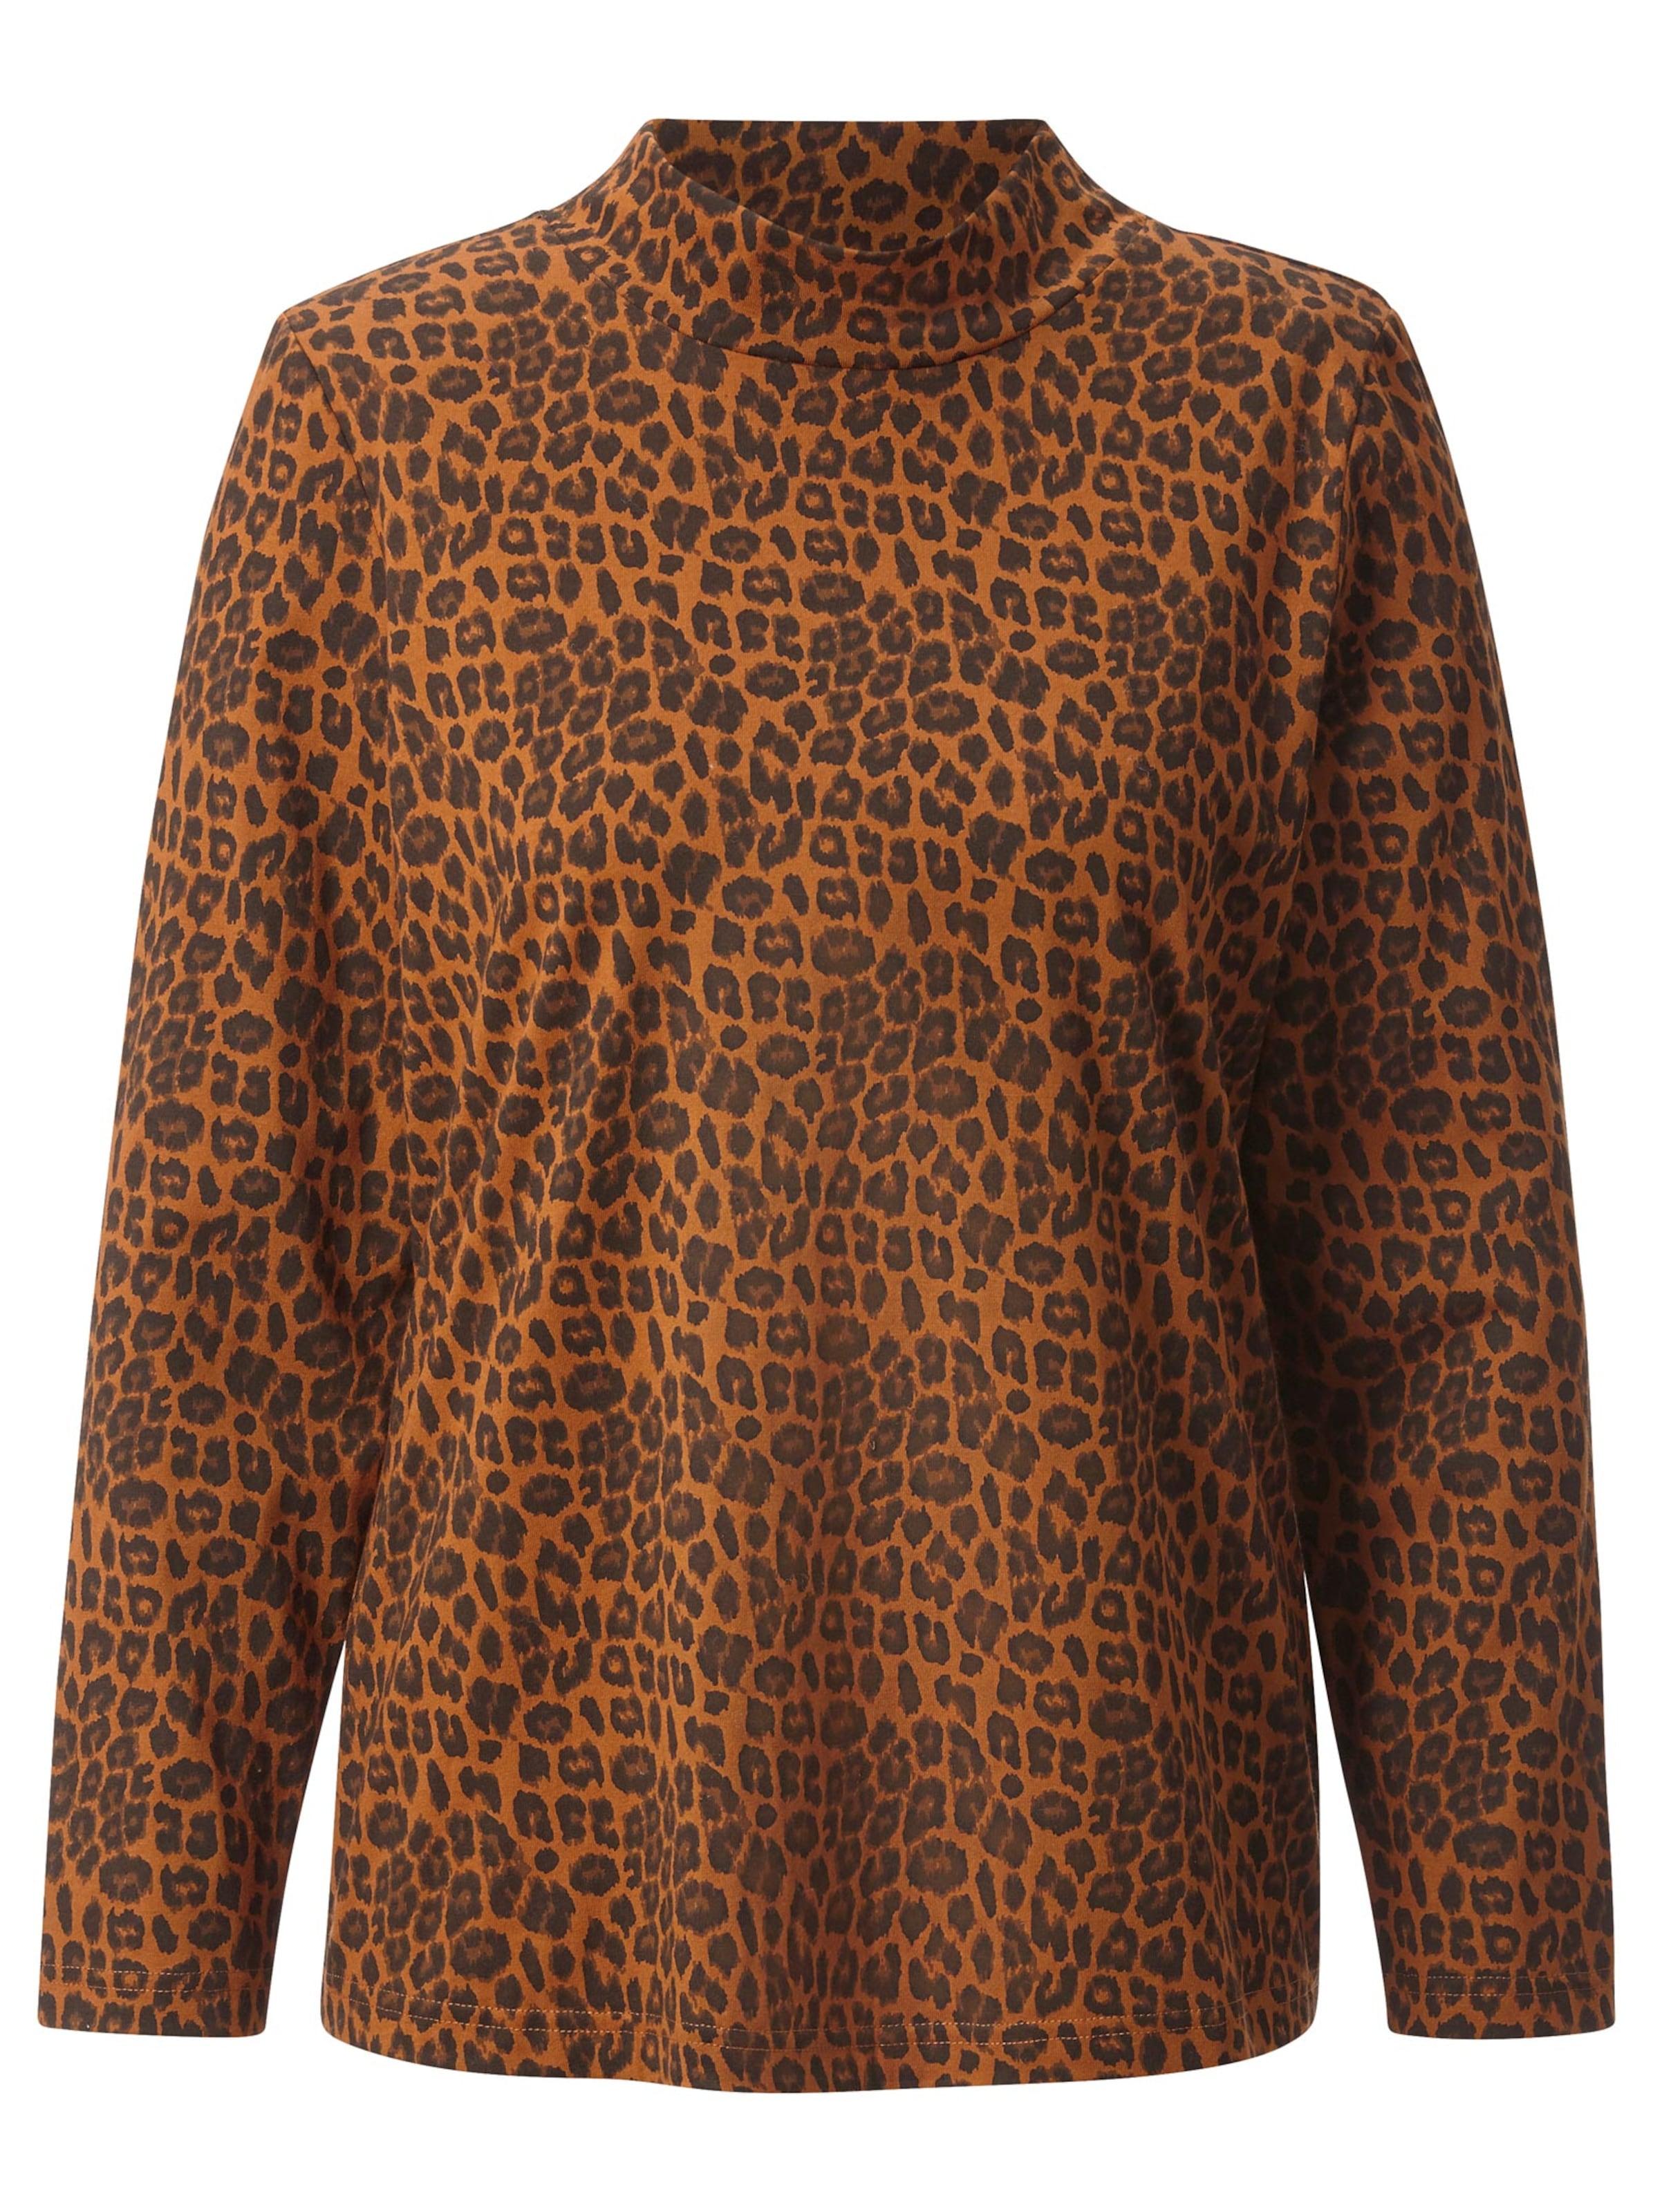 witt weiden -  Damen Shirt cognac-bedruckt